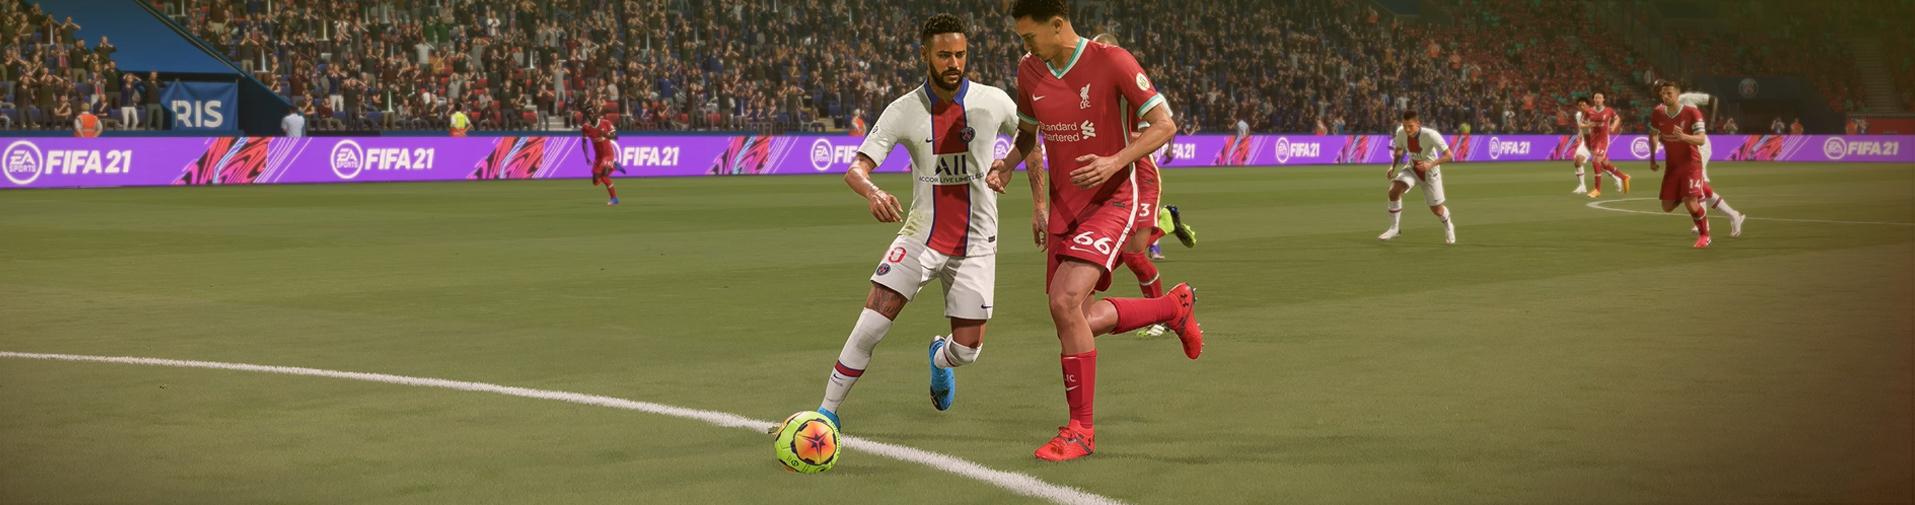 FIFA 21 Guide Skillmove Bridge